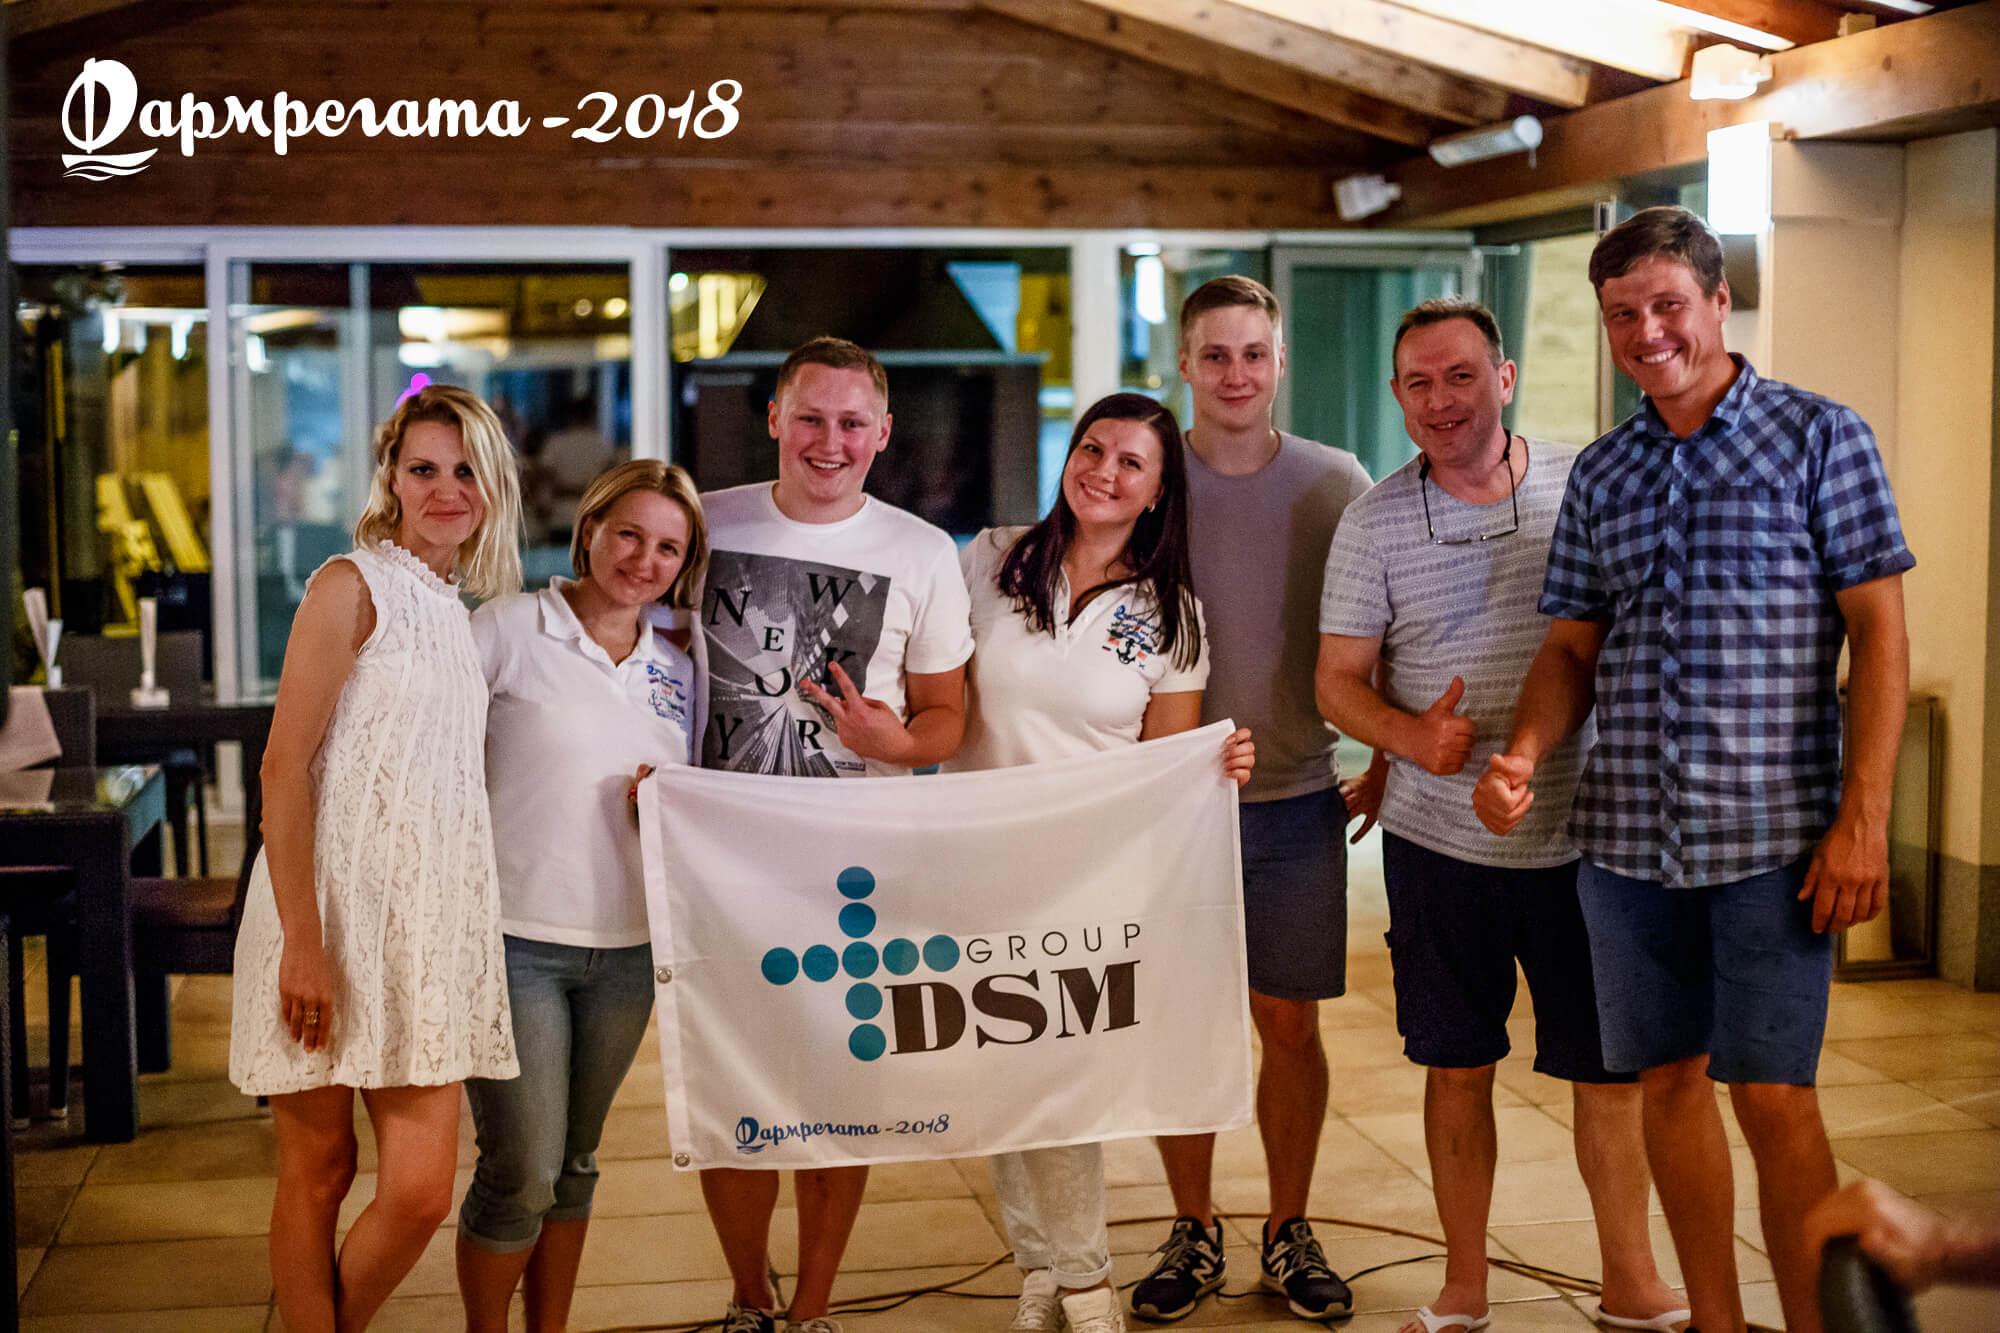 Участники регаты - ДСМ групп Фармрегата 2018 - DSM Group Pharmregata 2018